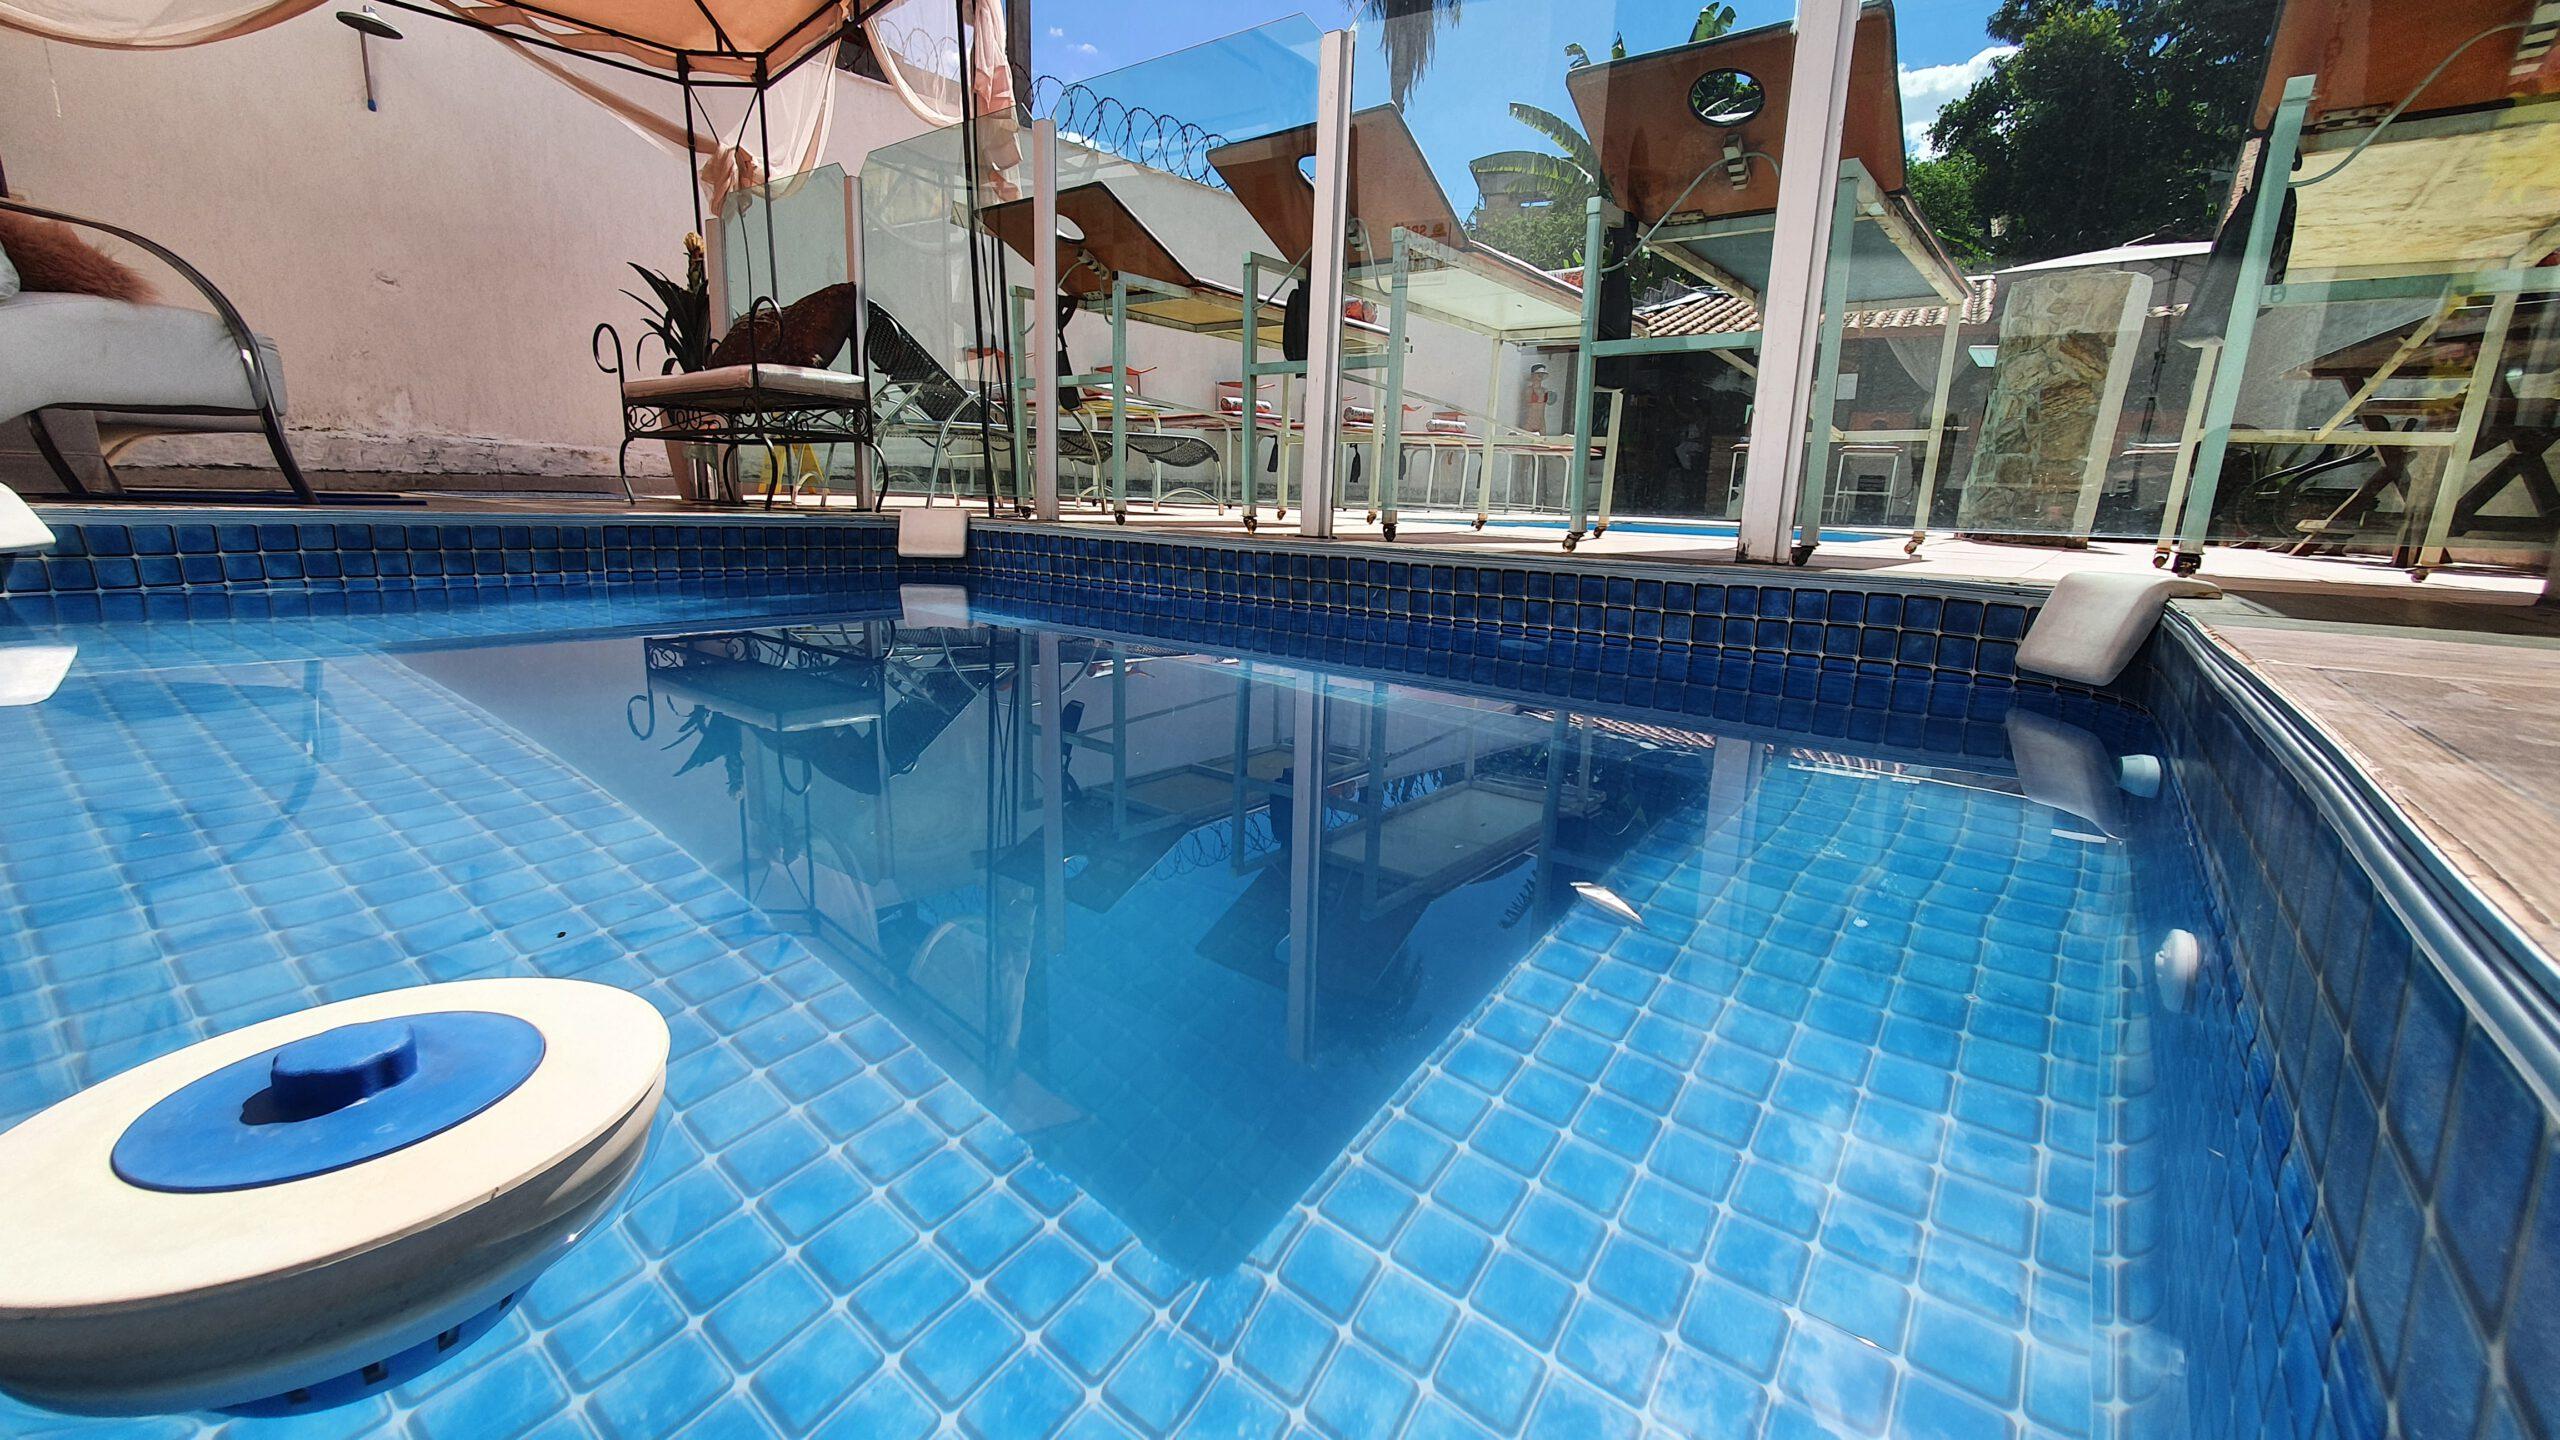 sol-bronze-bh-fotos-do-espaco-piscina-hidro-massagem-1